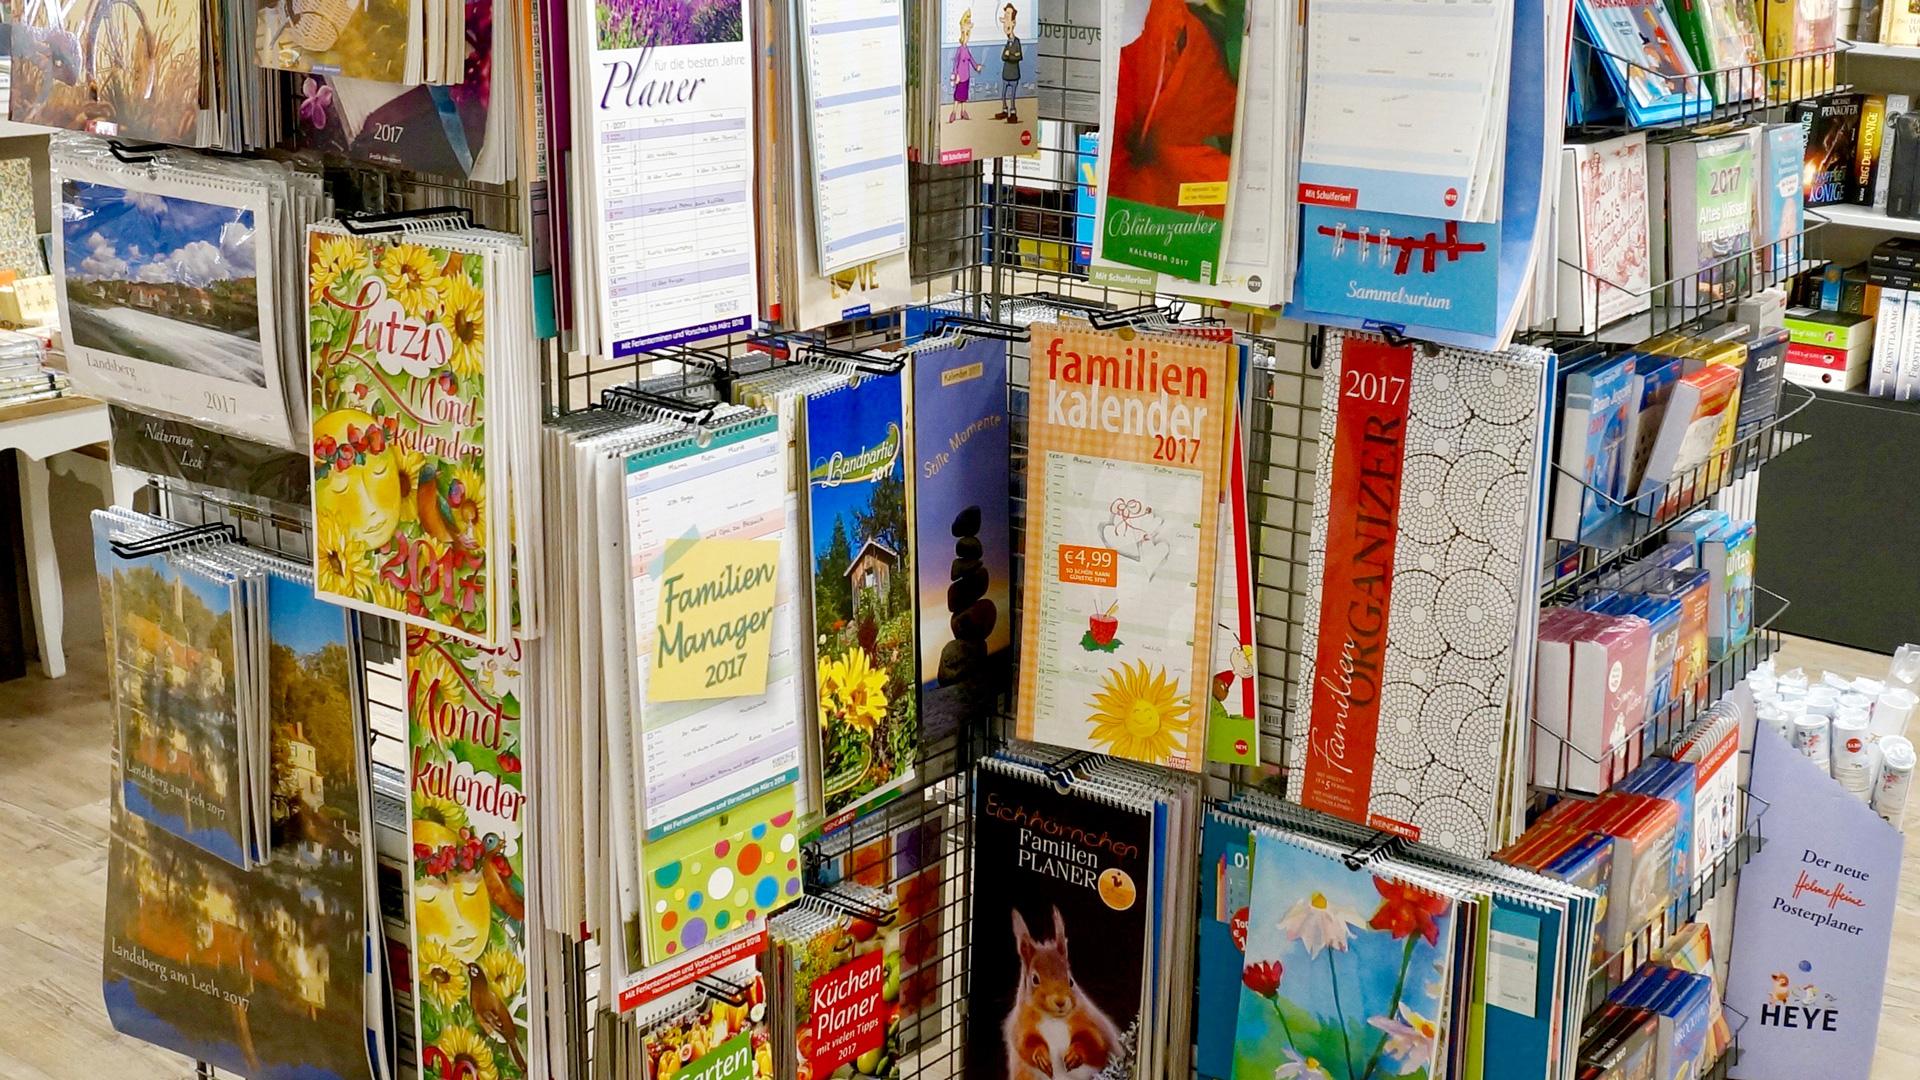 <p><b>Bücher & Kalender</b></p>